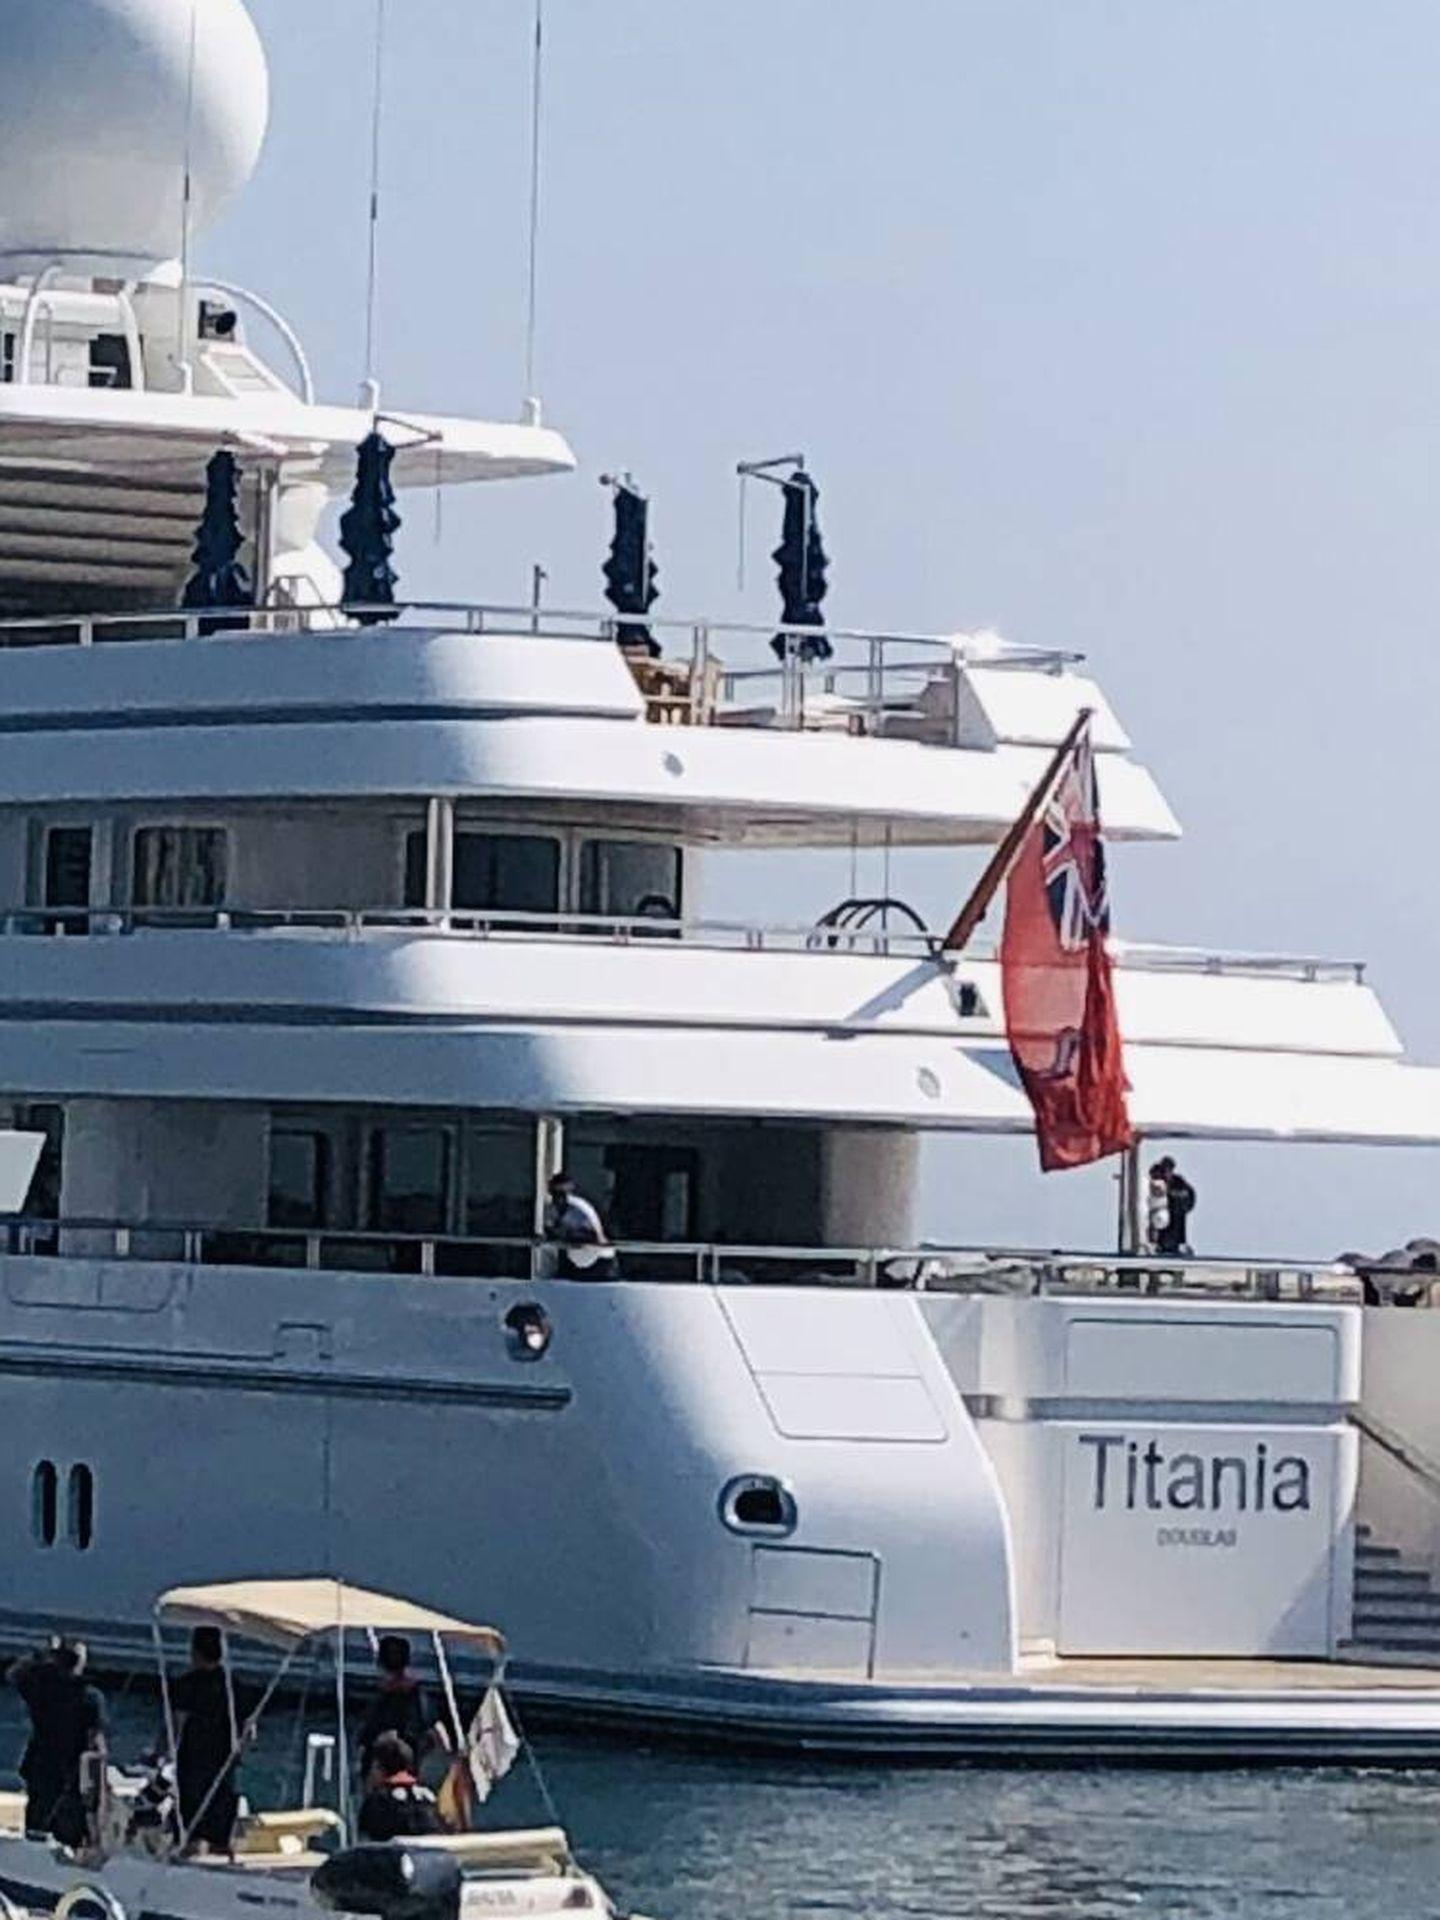 El Titania en Puerto Banús. (Vanitatis)